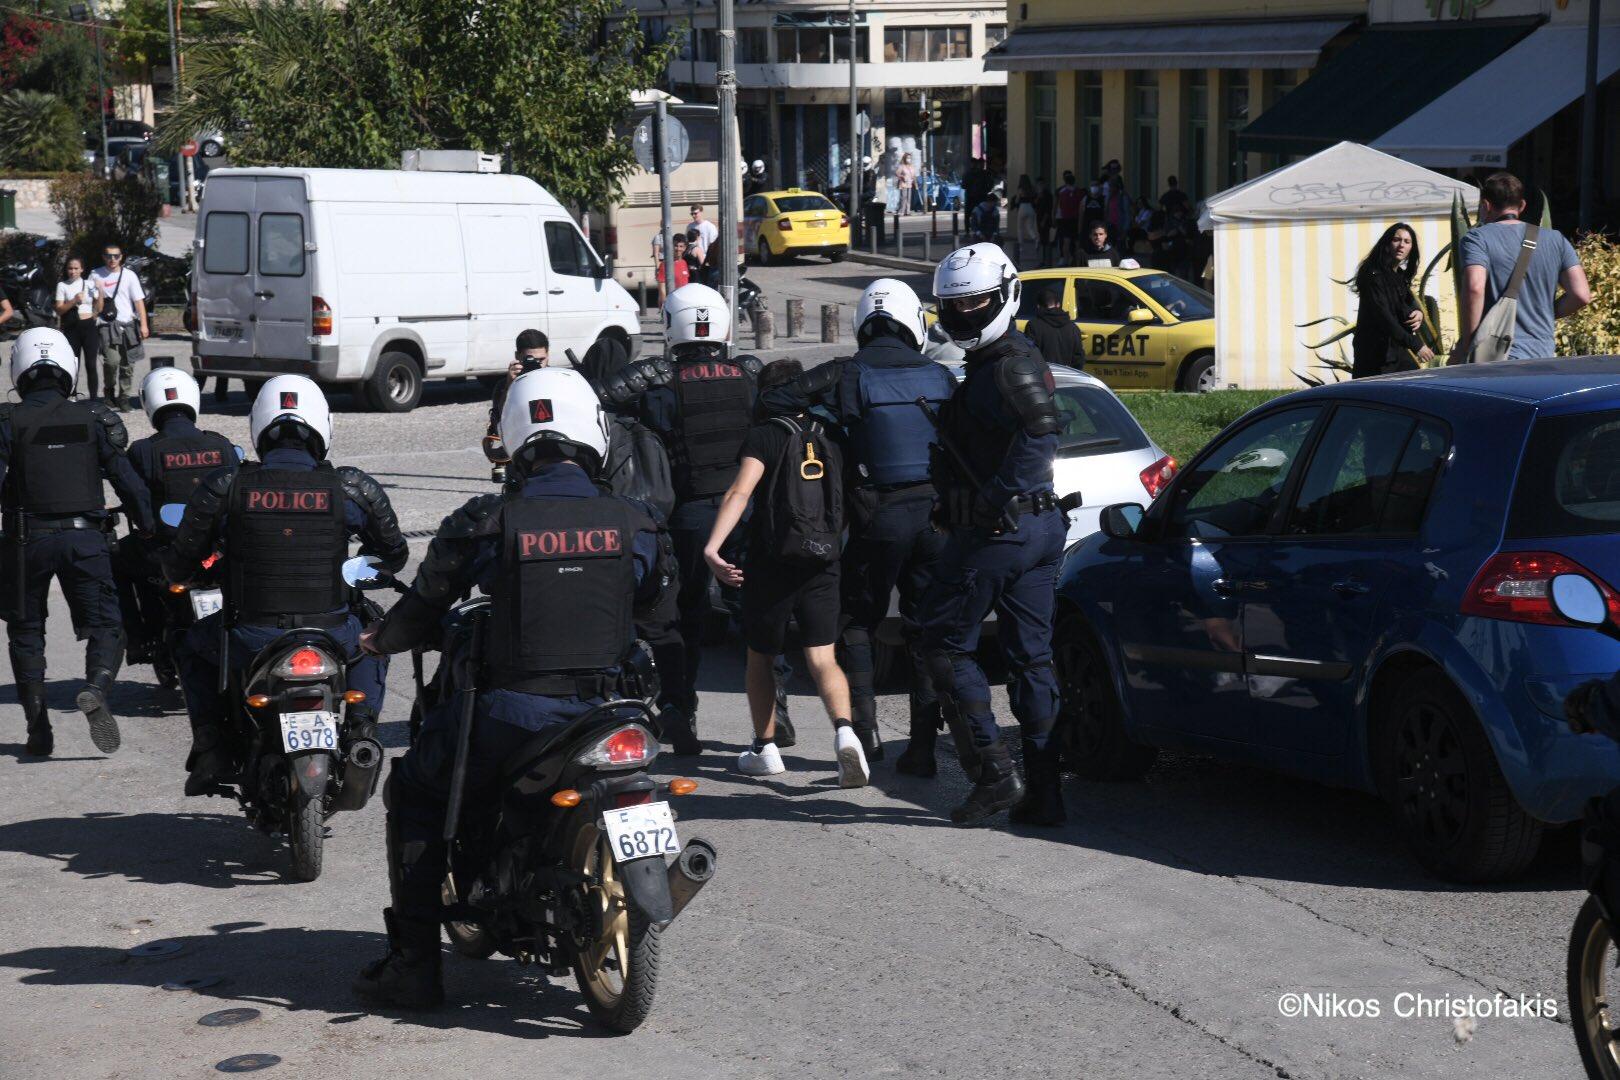 Αστυνομικοί τρομοκρατούν μαθητές στο πανεκπαιδευτικό συλλαλητήριο